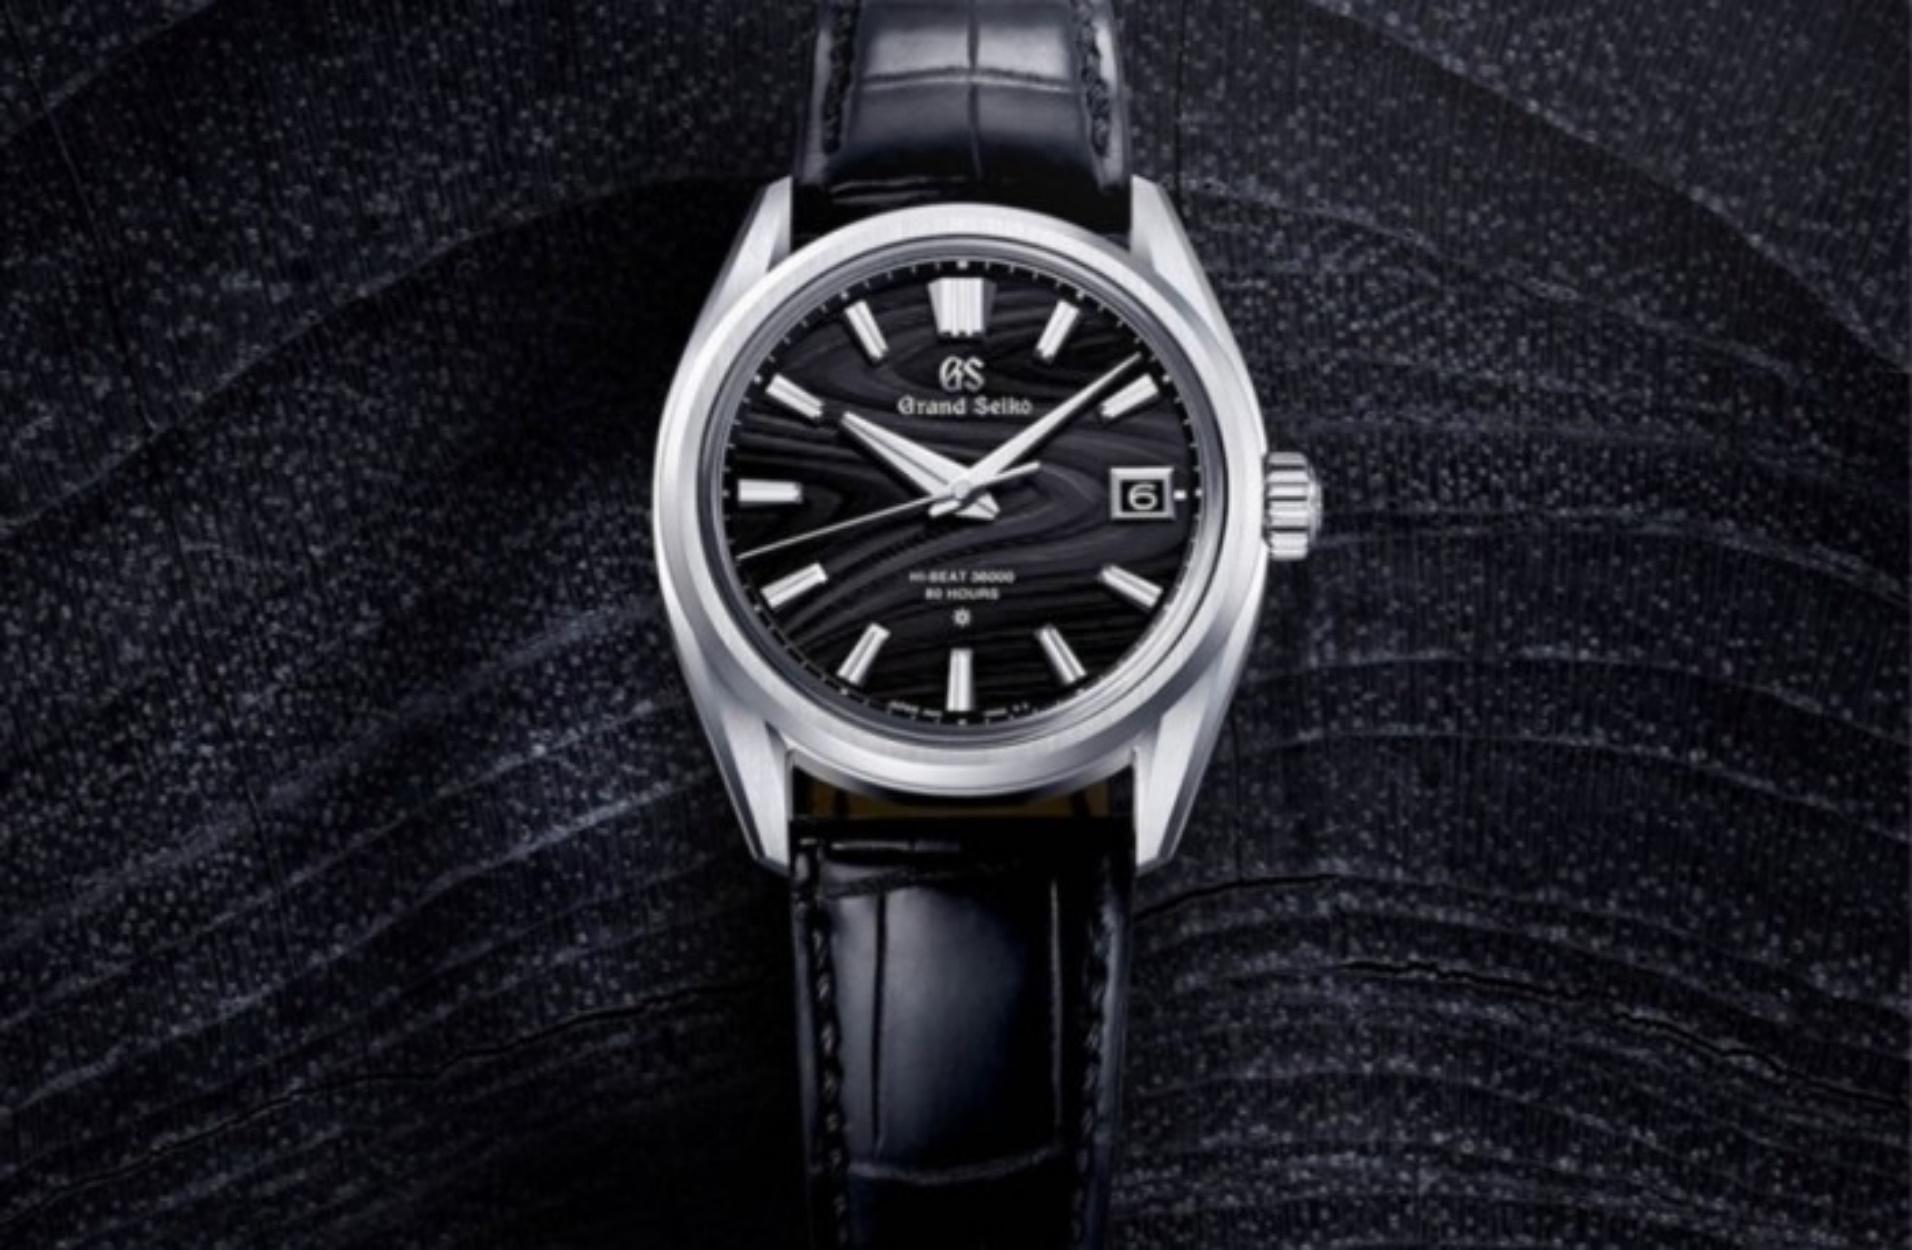 Ένα από τα πιο όμορφα ρολόγια Grand Seiko που είδαμε φέτος